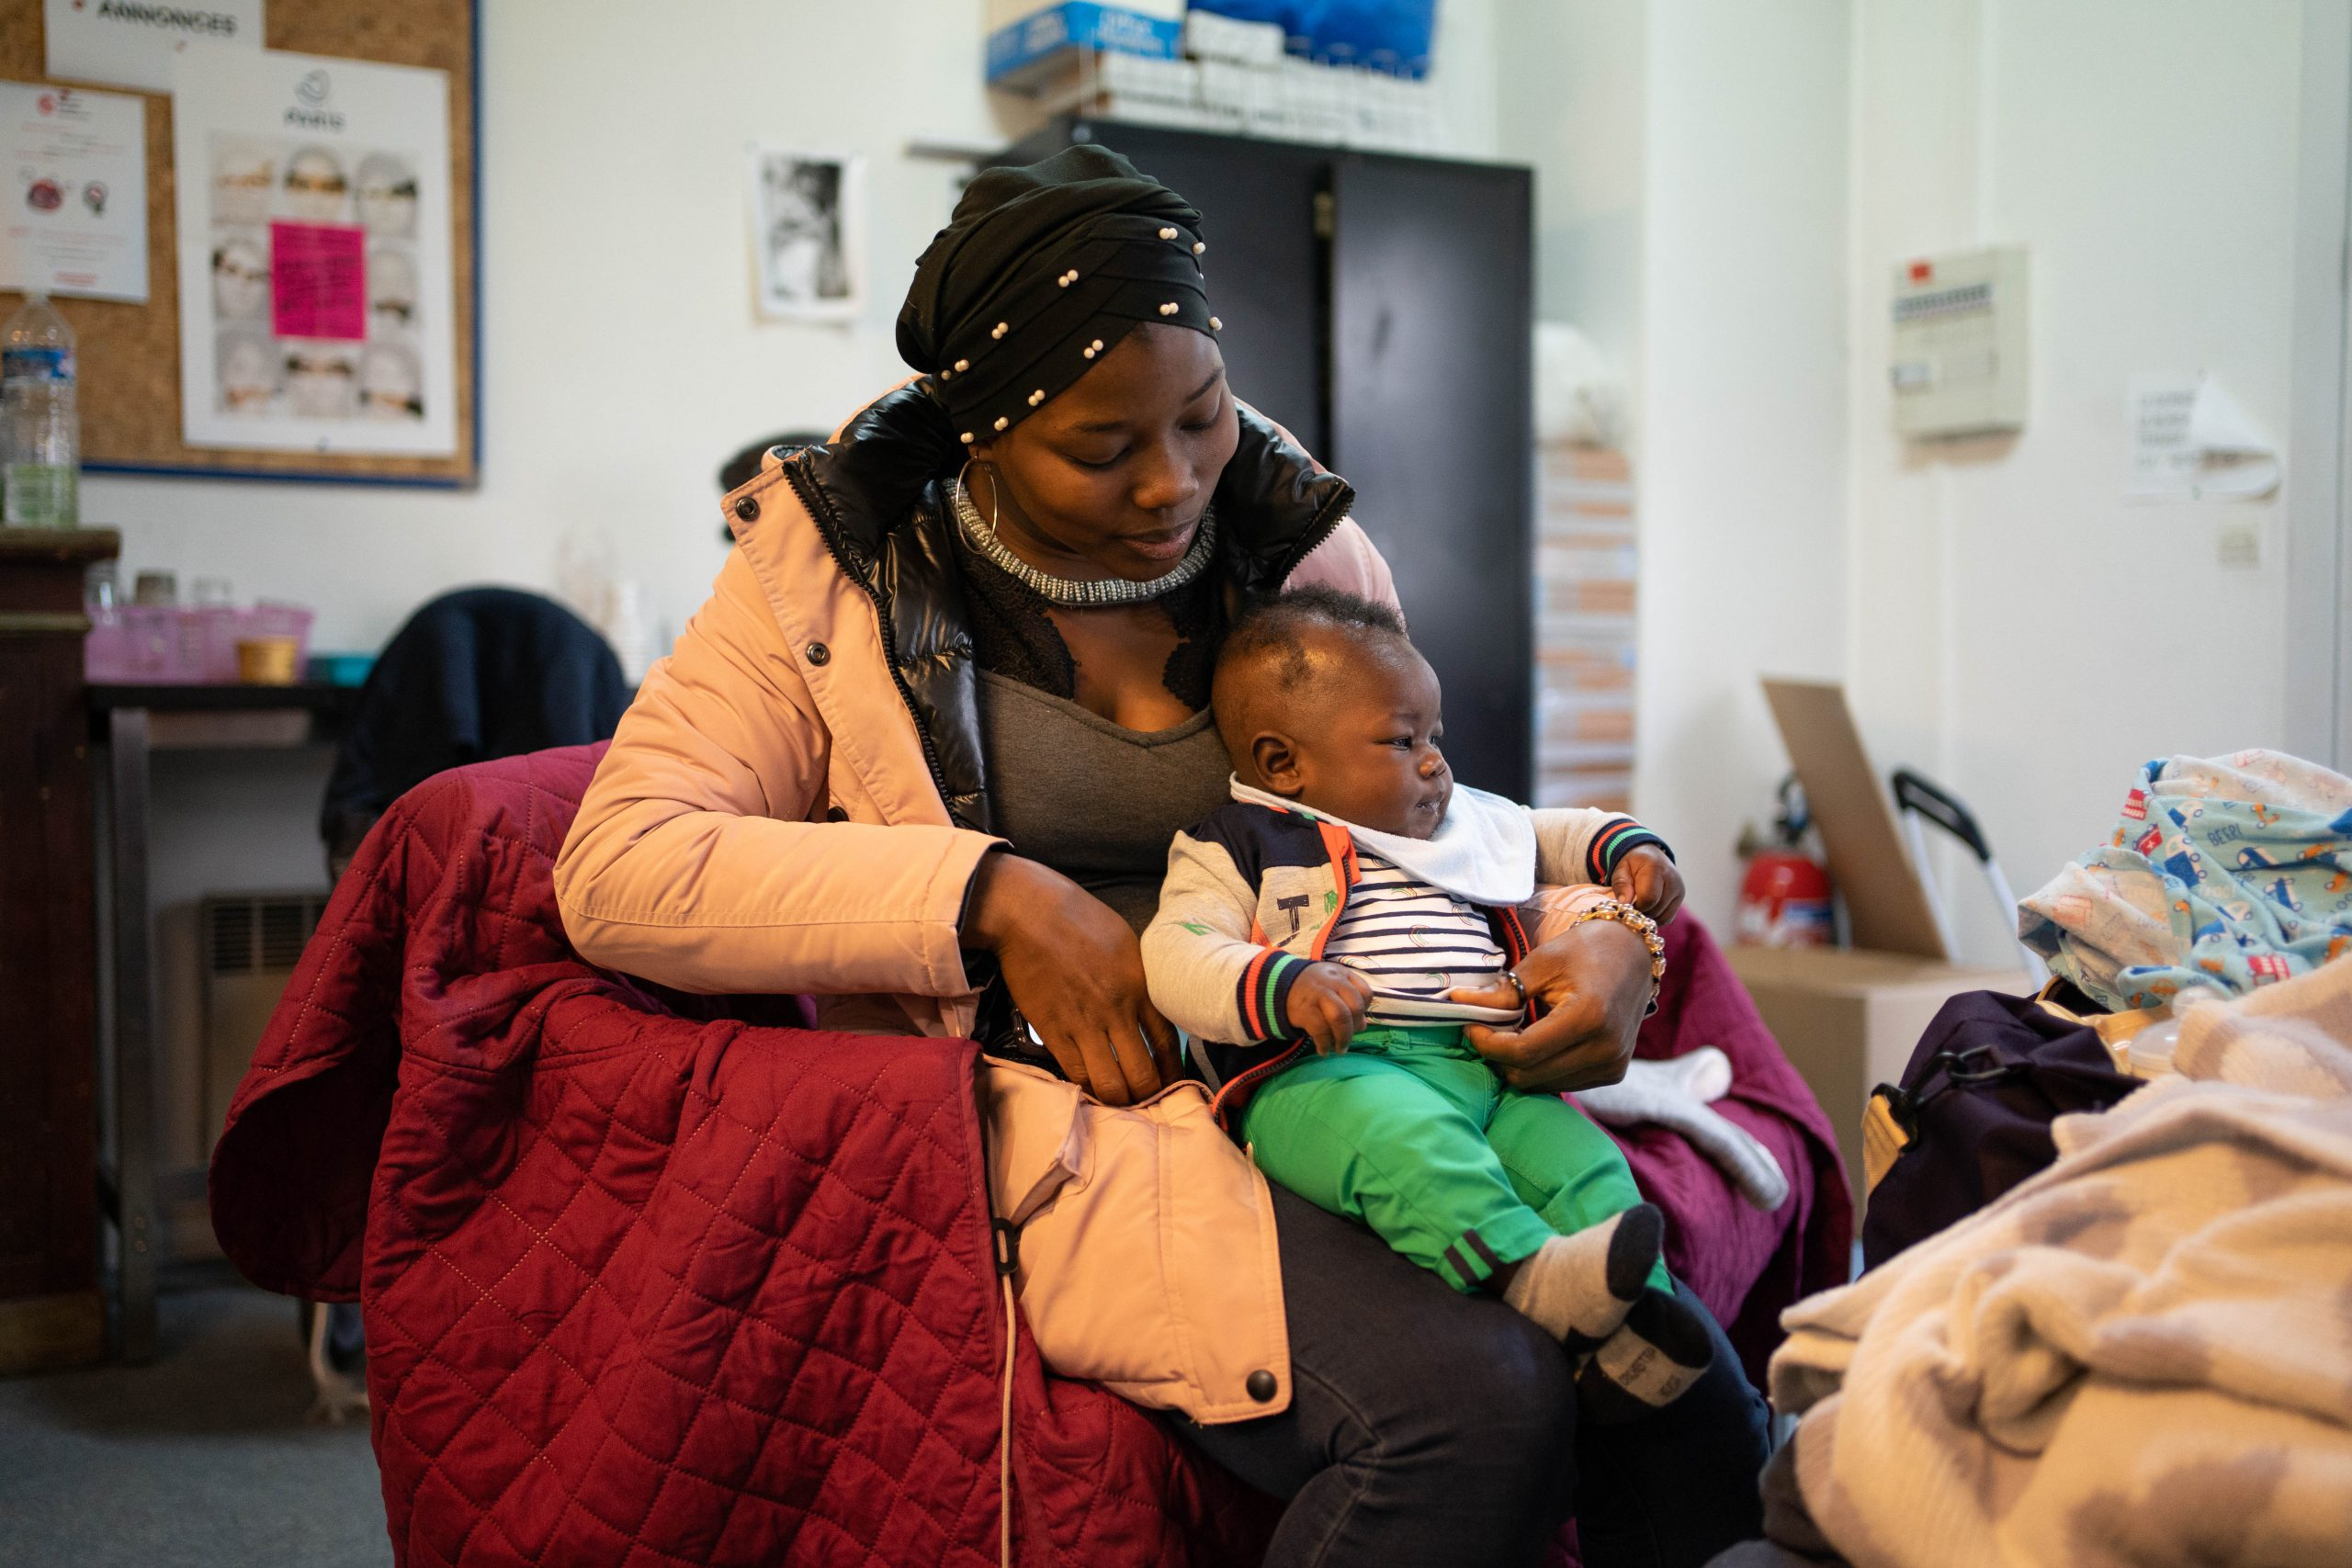 Ouverture d'un centre d'accueil pour femmes : La Cité des Dames